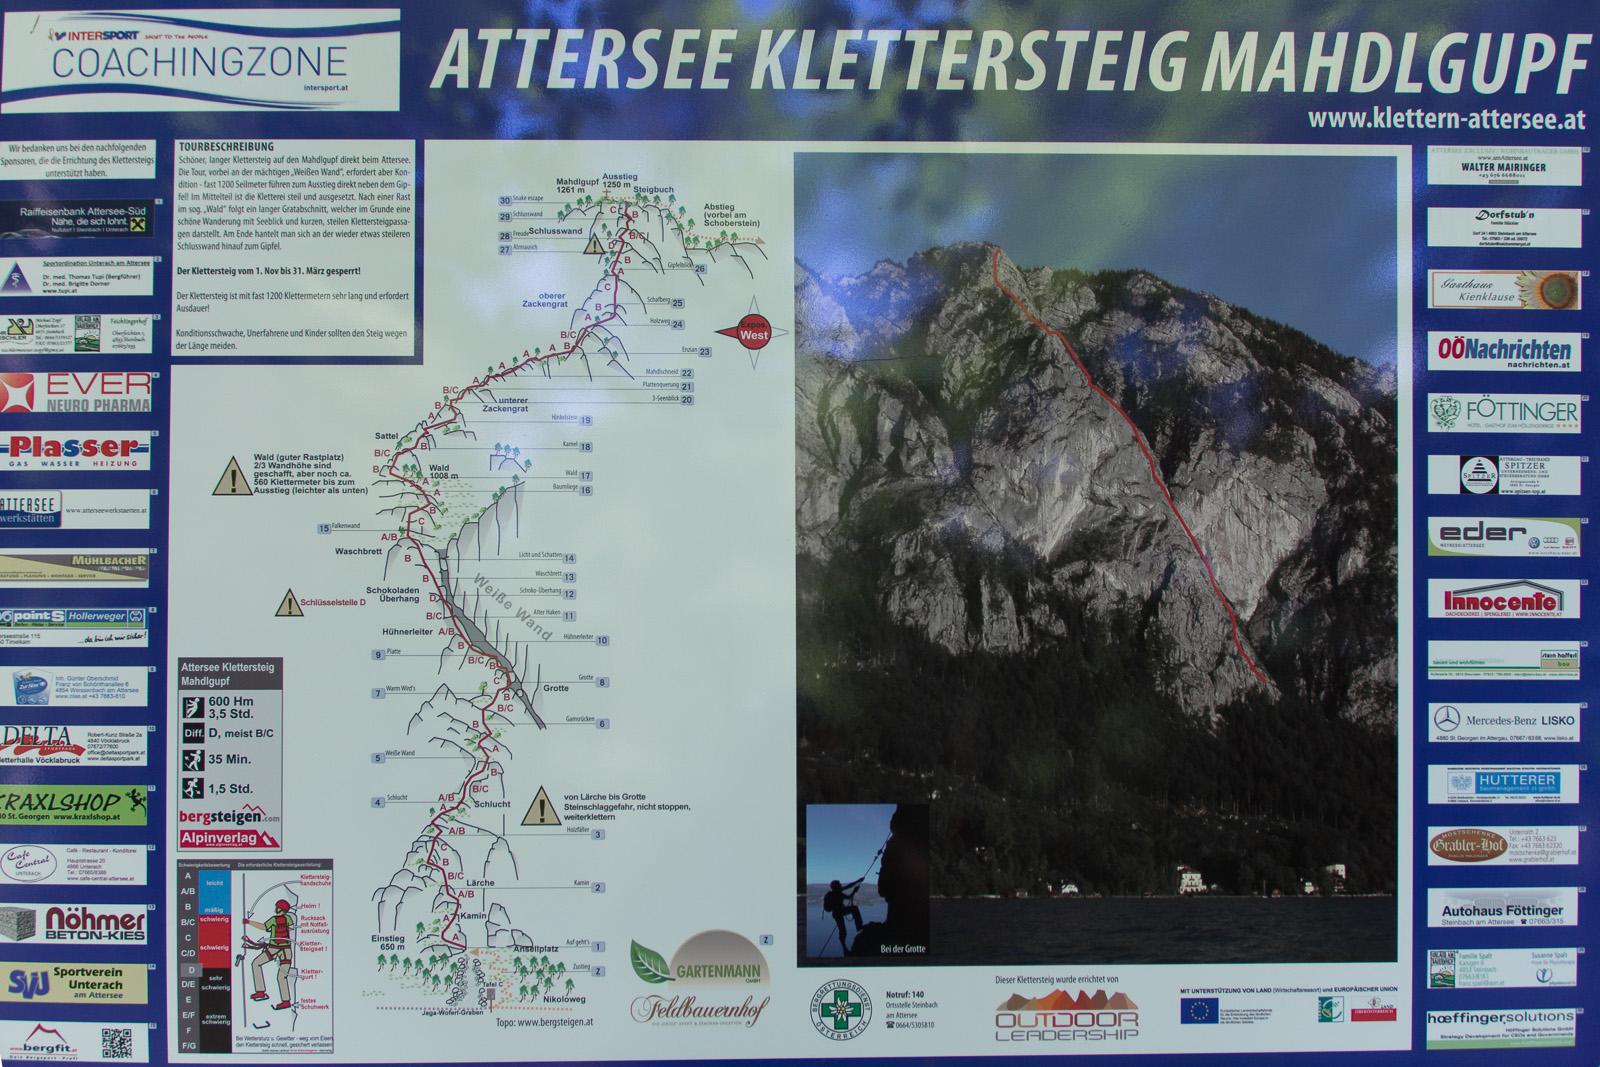 Klettersteig Mahdlgupf : Klettersteig mahdlgupf attersee vinpearl baidai